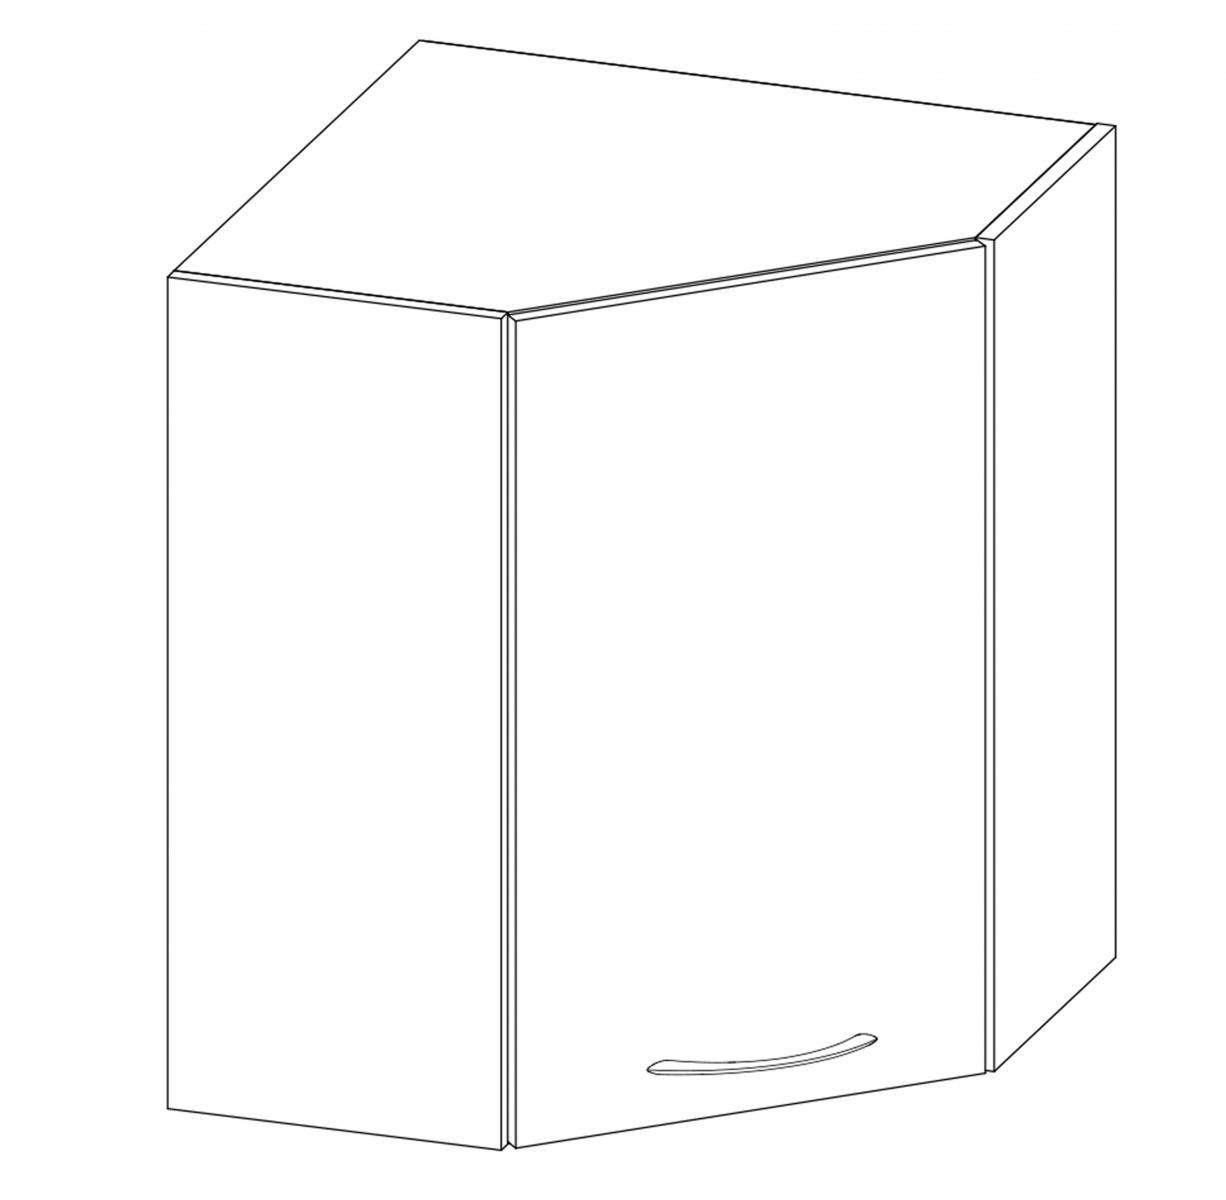 Kuchyňská skříňka Largo 05/G60N sonoma světlá